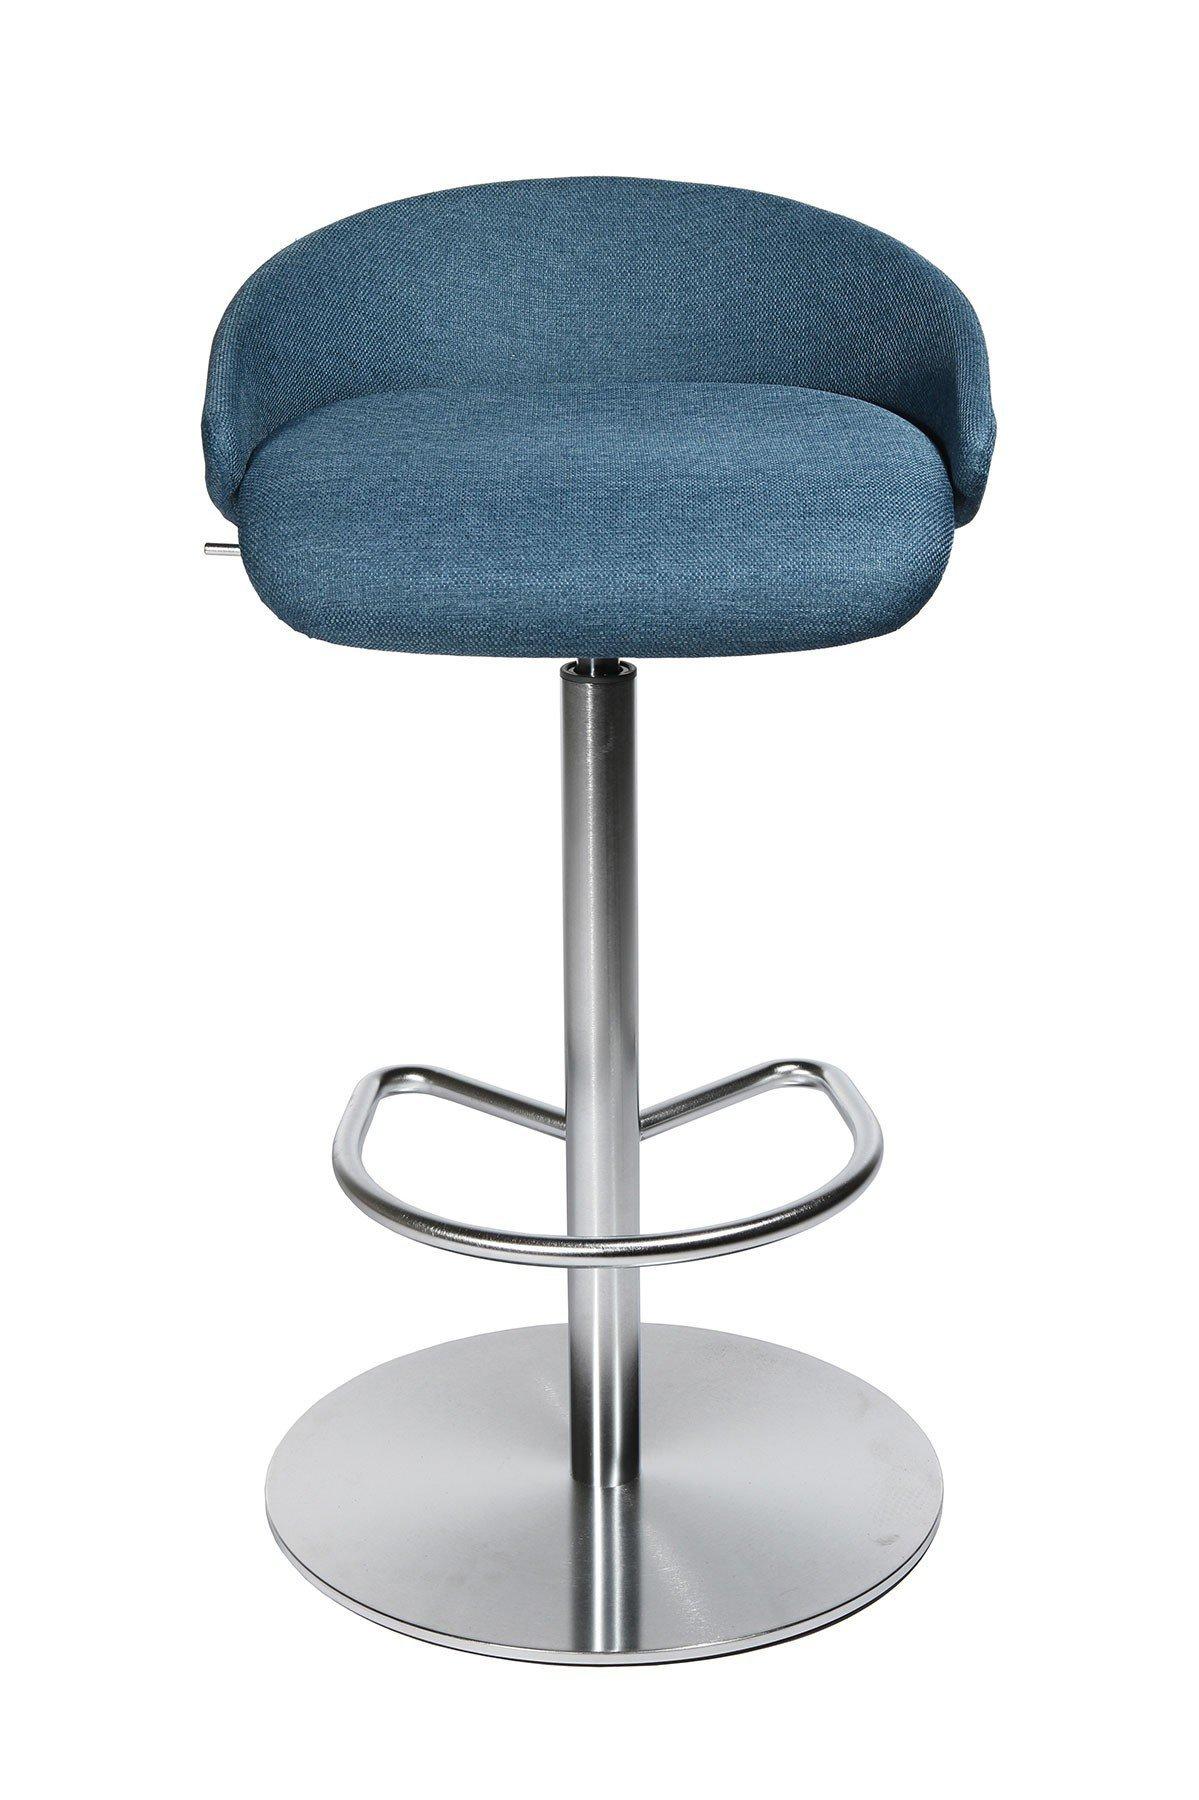 topstar barhocker sitness stool 20 blau edelstahl optik möbel